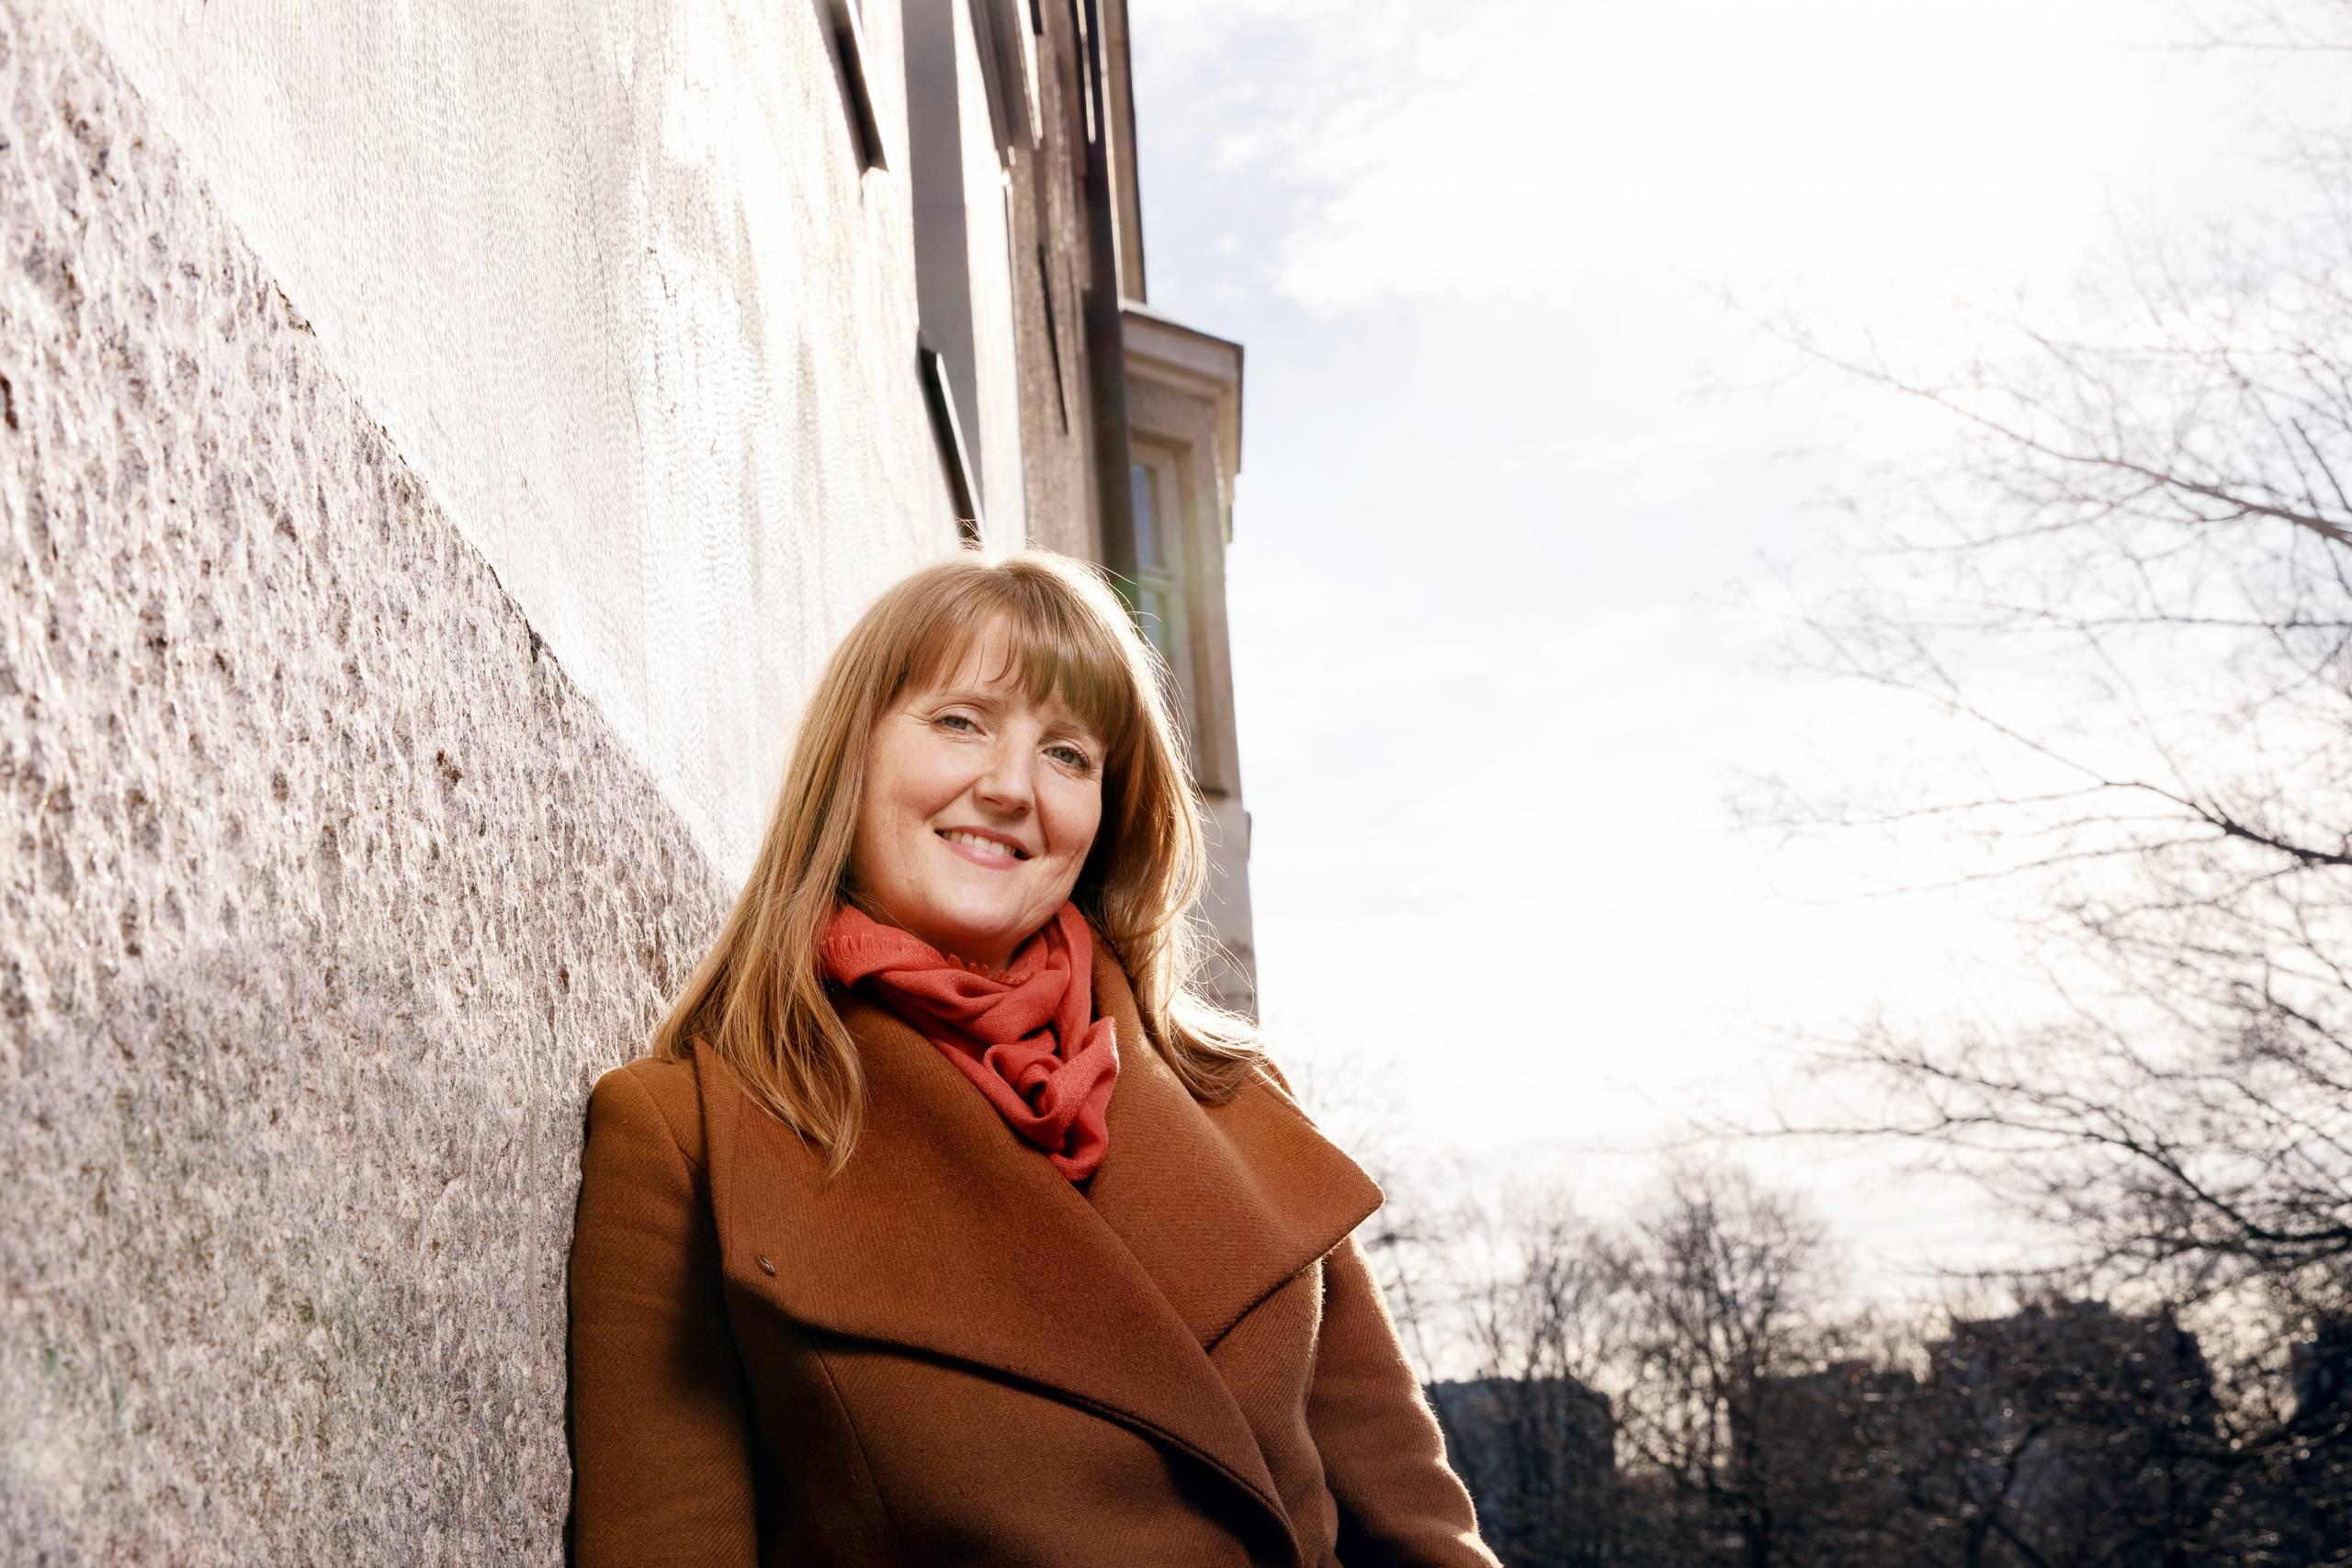 Arilyn-yrityksen toimitusjohtaja Emmi Jouslehto nojaa seinään ja katsoo suoraan kameraan. Taustalla näkyy rakennus ja puu.